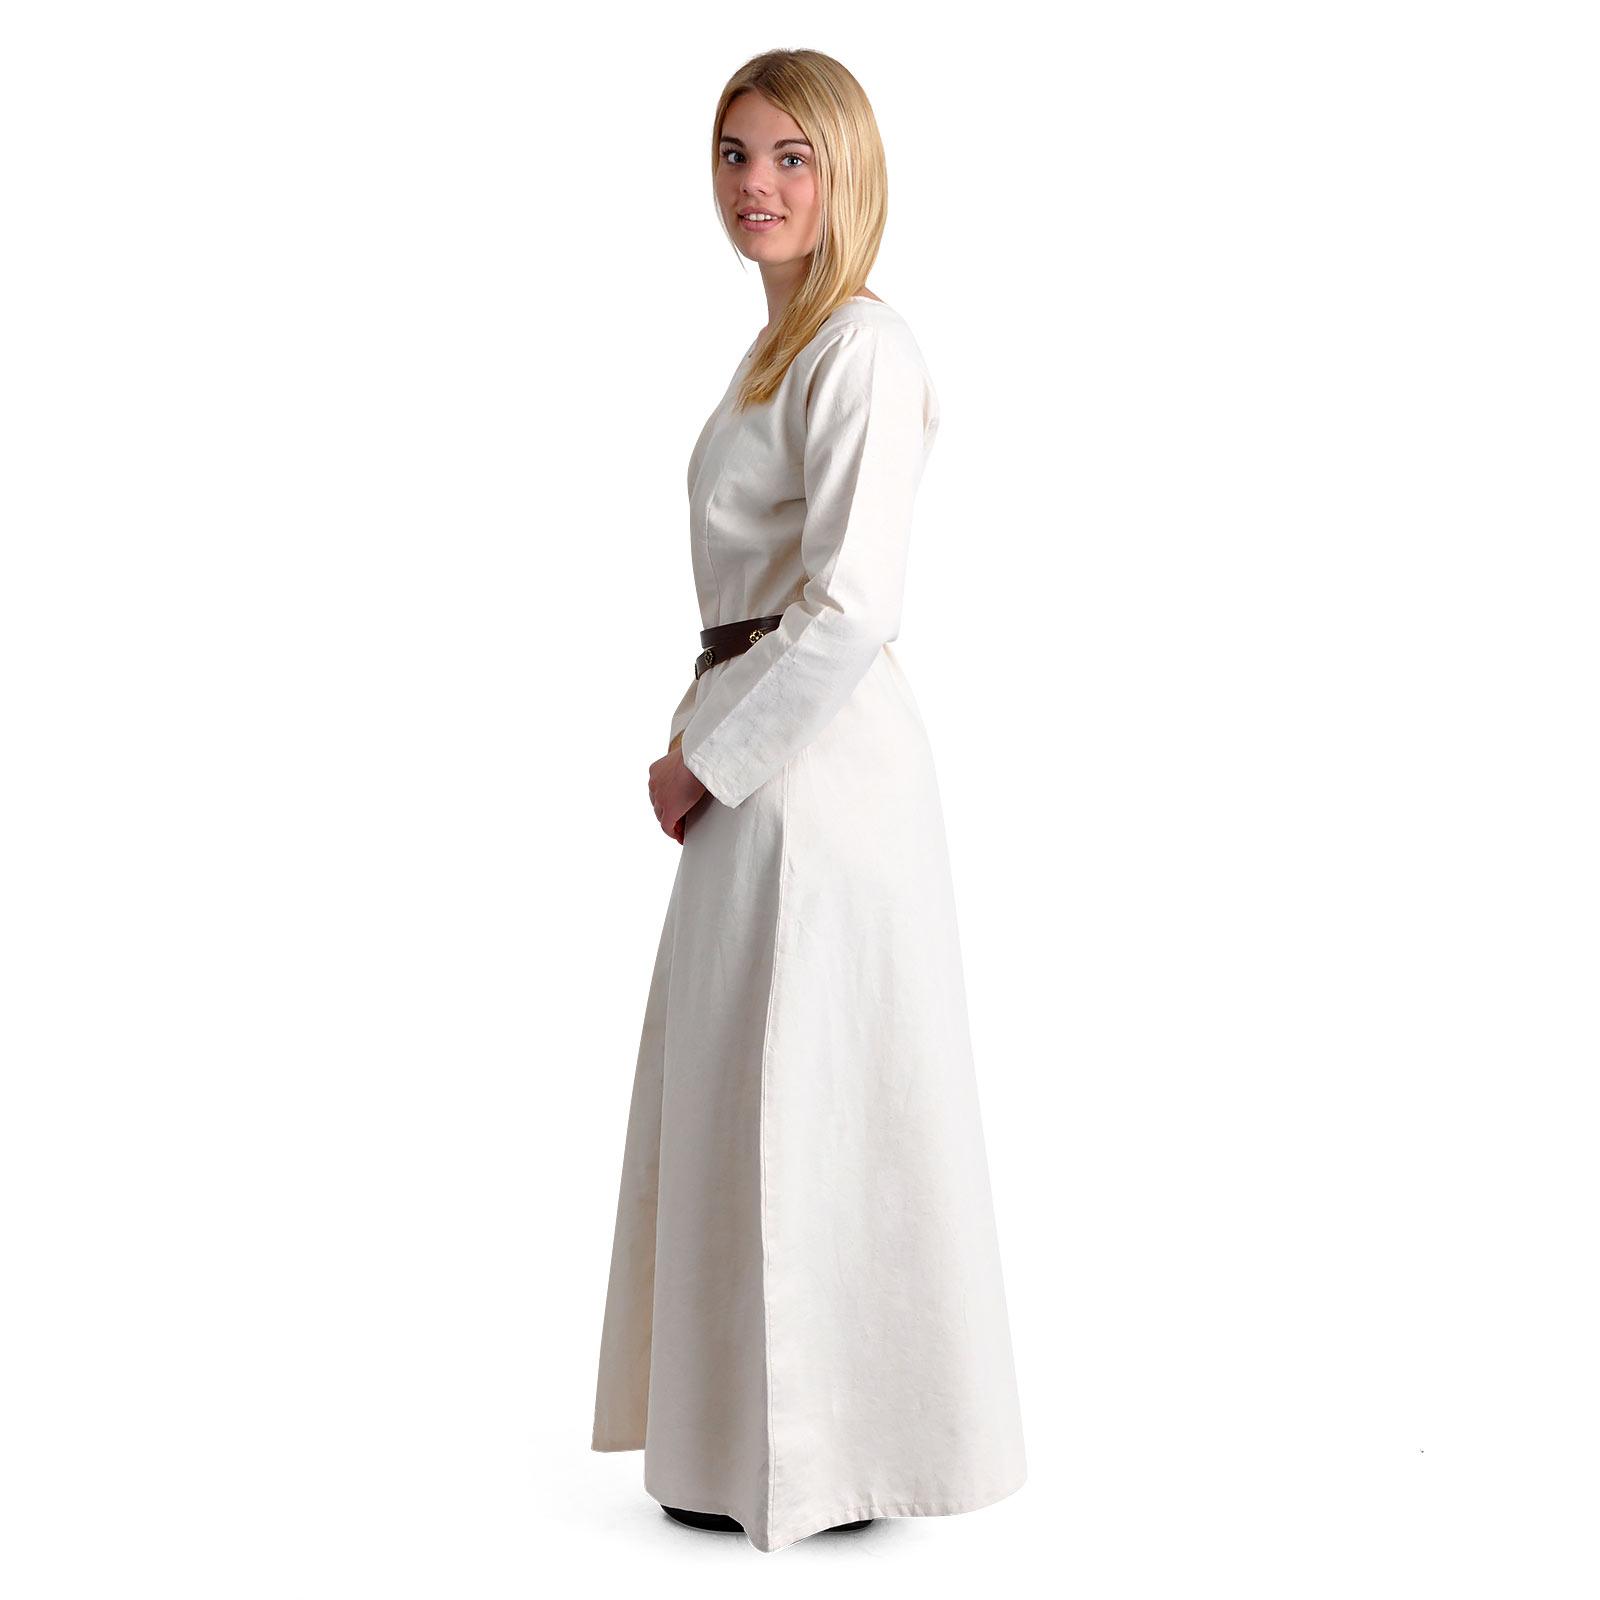 Mittelalter Unterkleid Freya natur